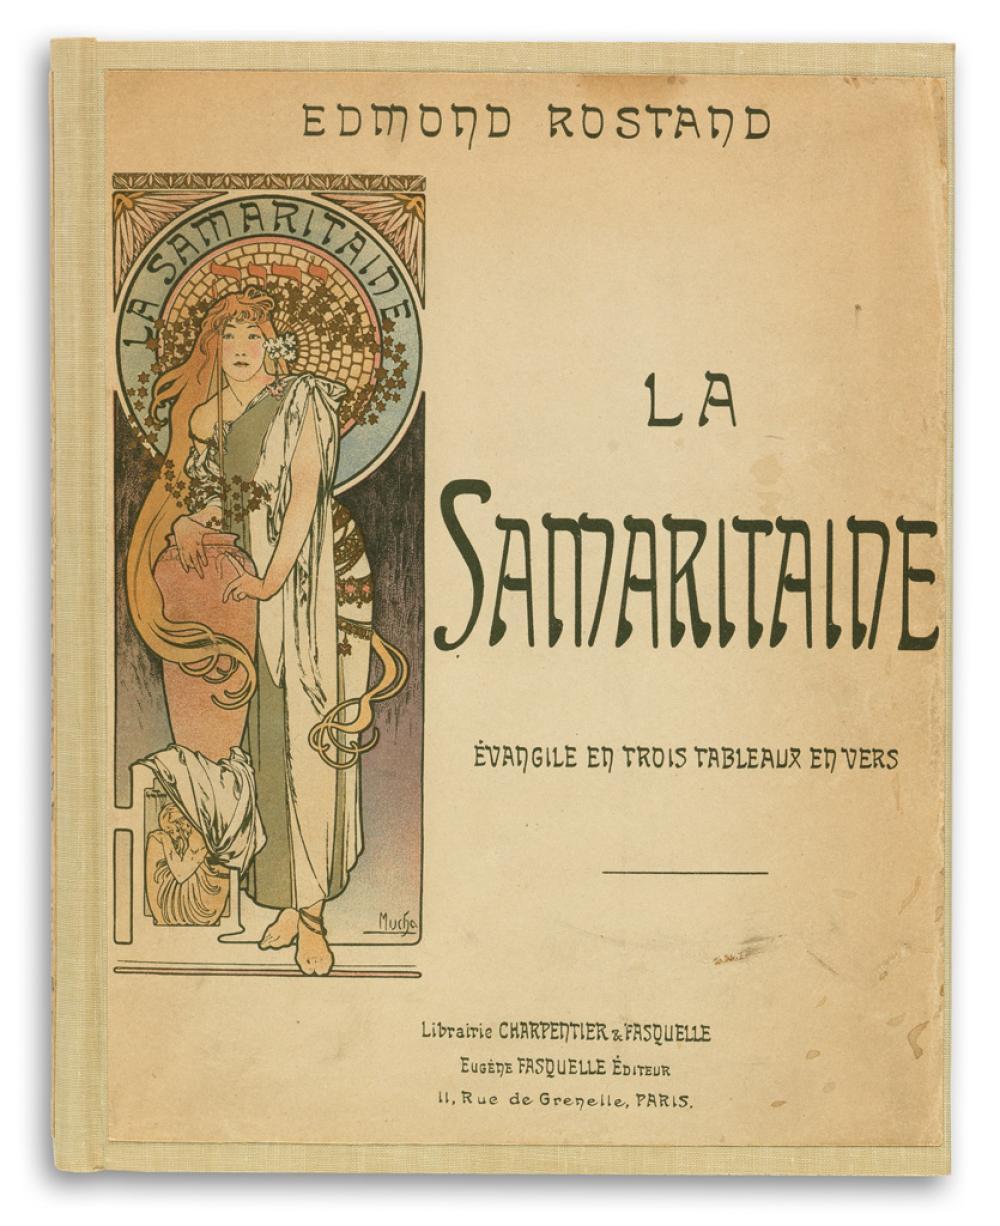 ALPHONSE MUCHA (1860-1939). LA SAMARITAINE. Book. 1897. 9x7 inches, 24x19 cm. Imprimeries Reunies, Paris.